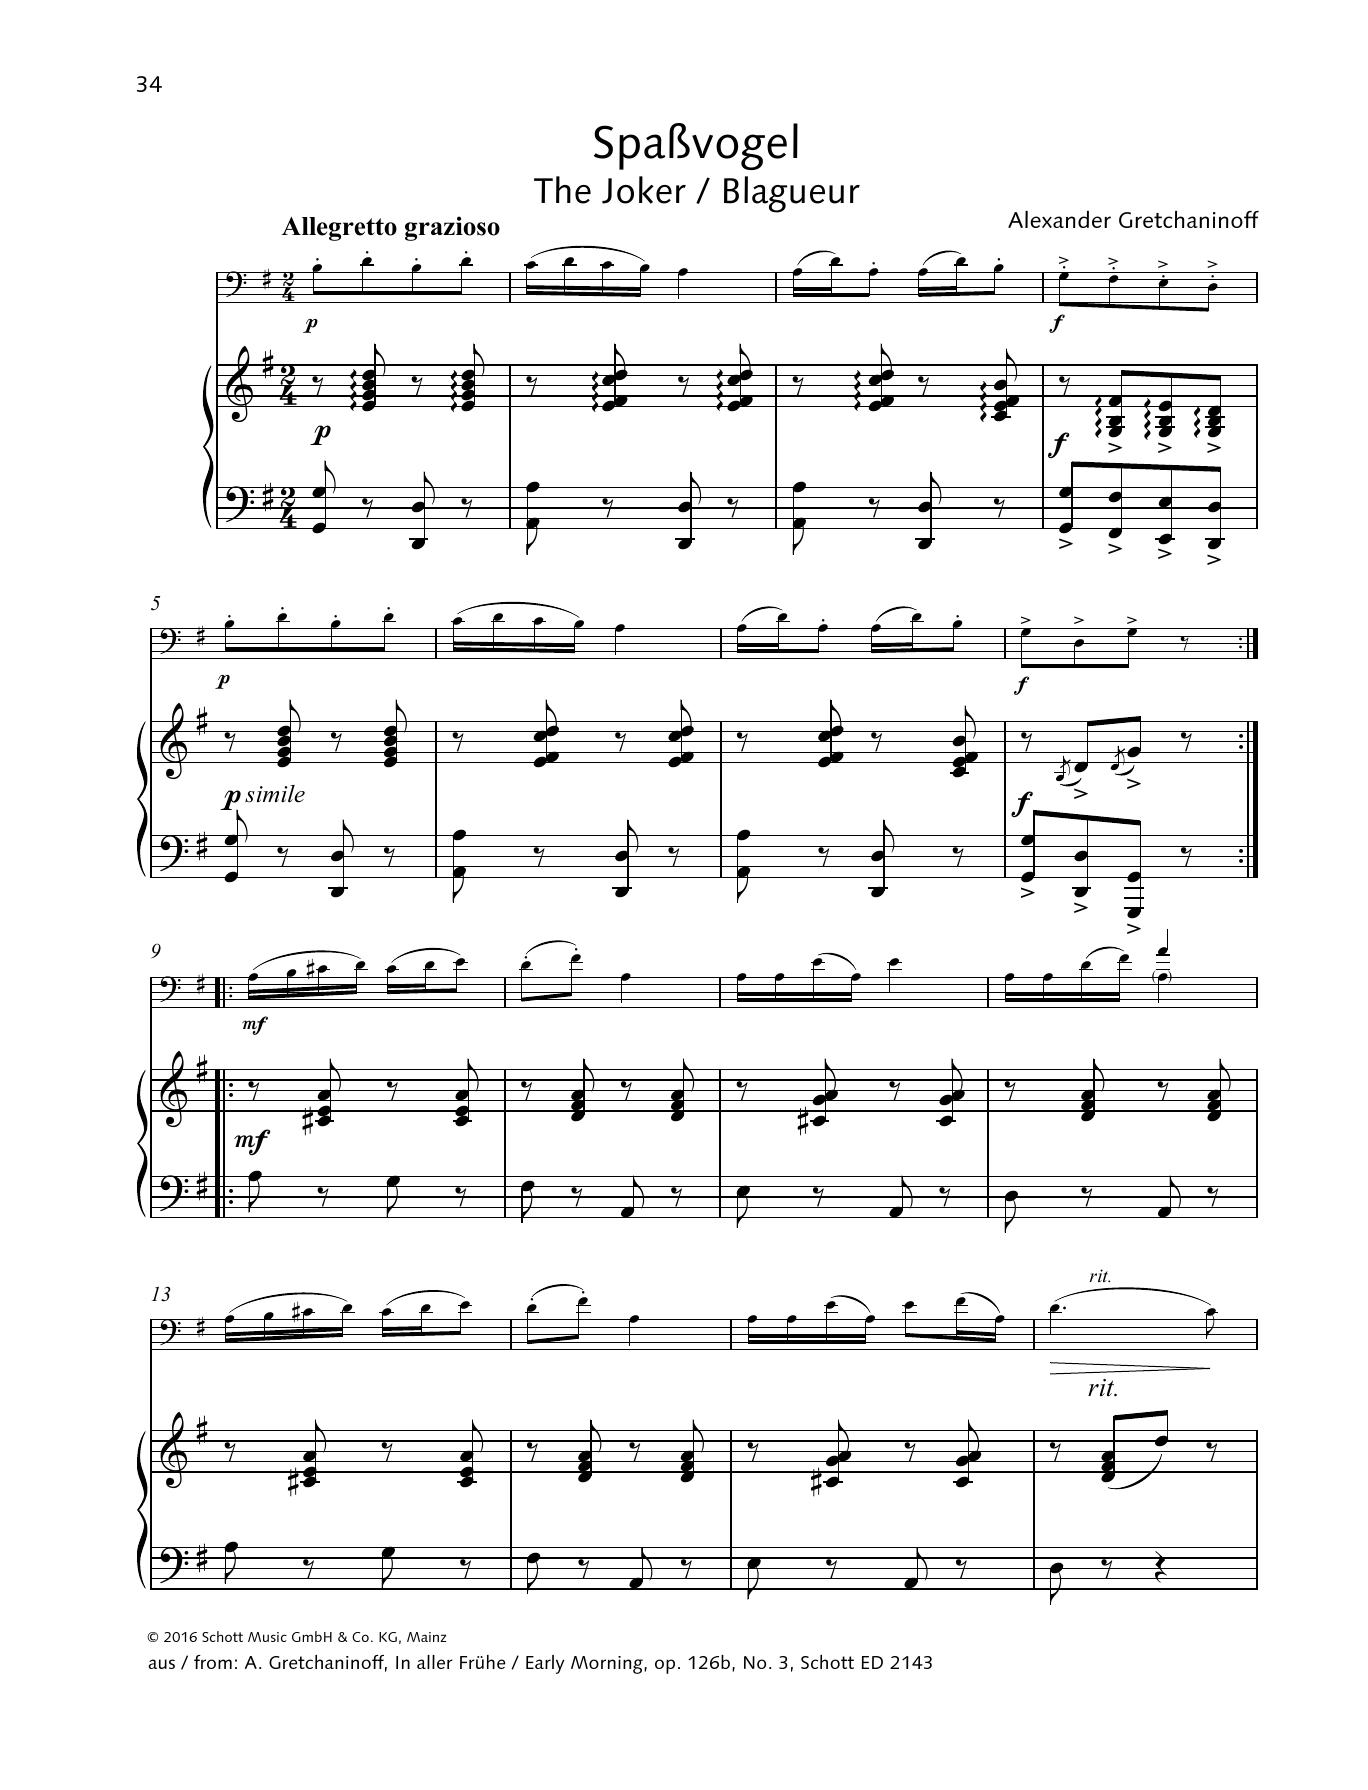 The Joker Sheet Music